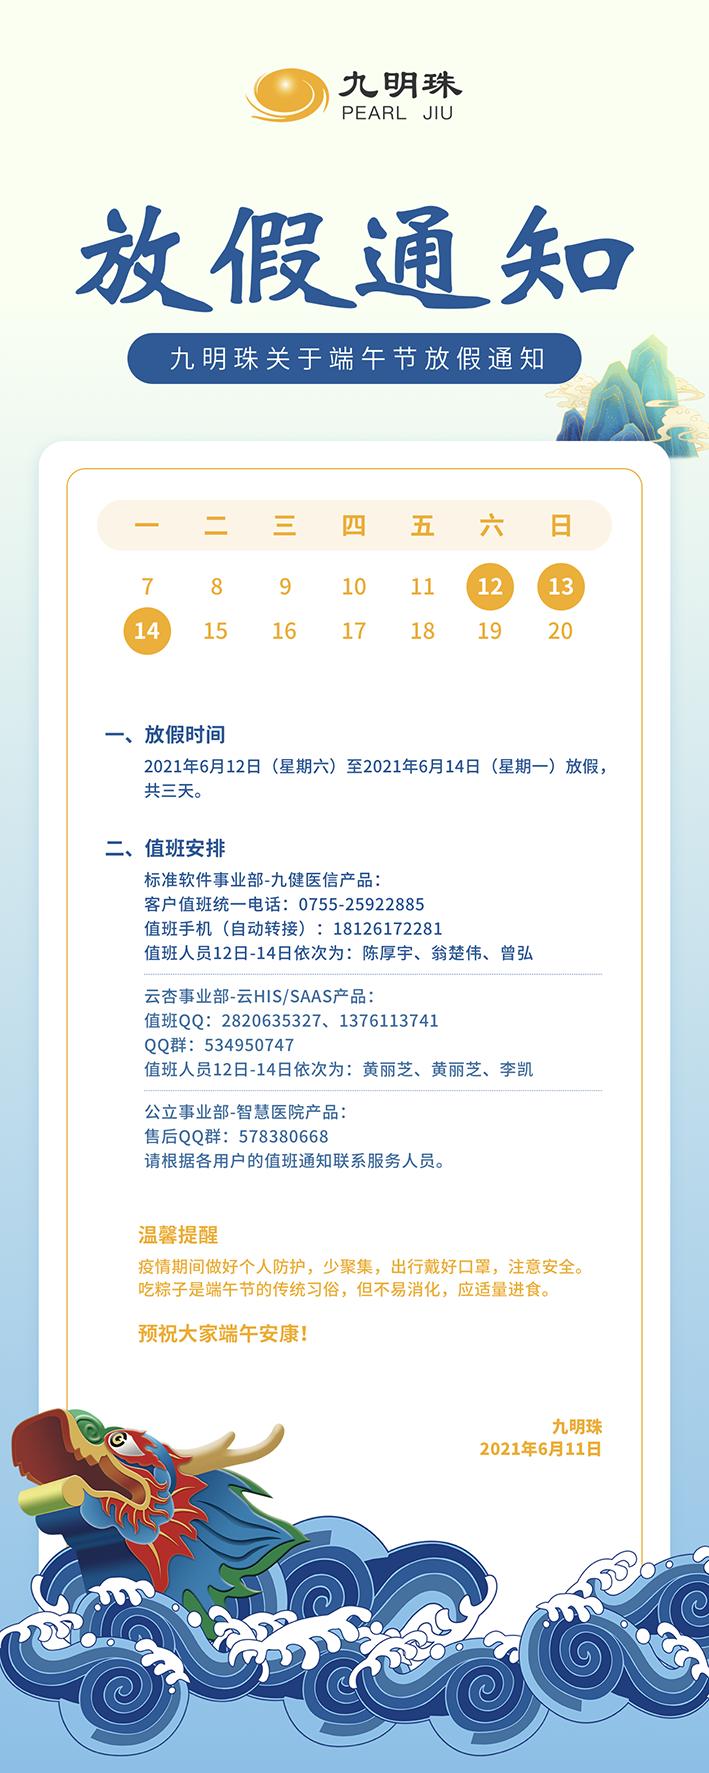 通知|九明珠2021年端午节值班安排